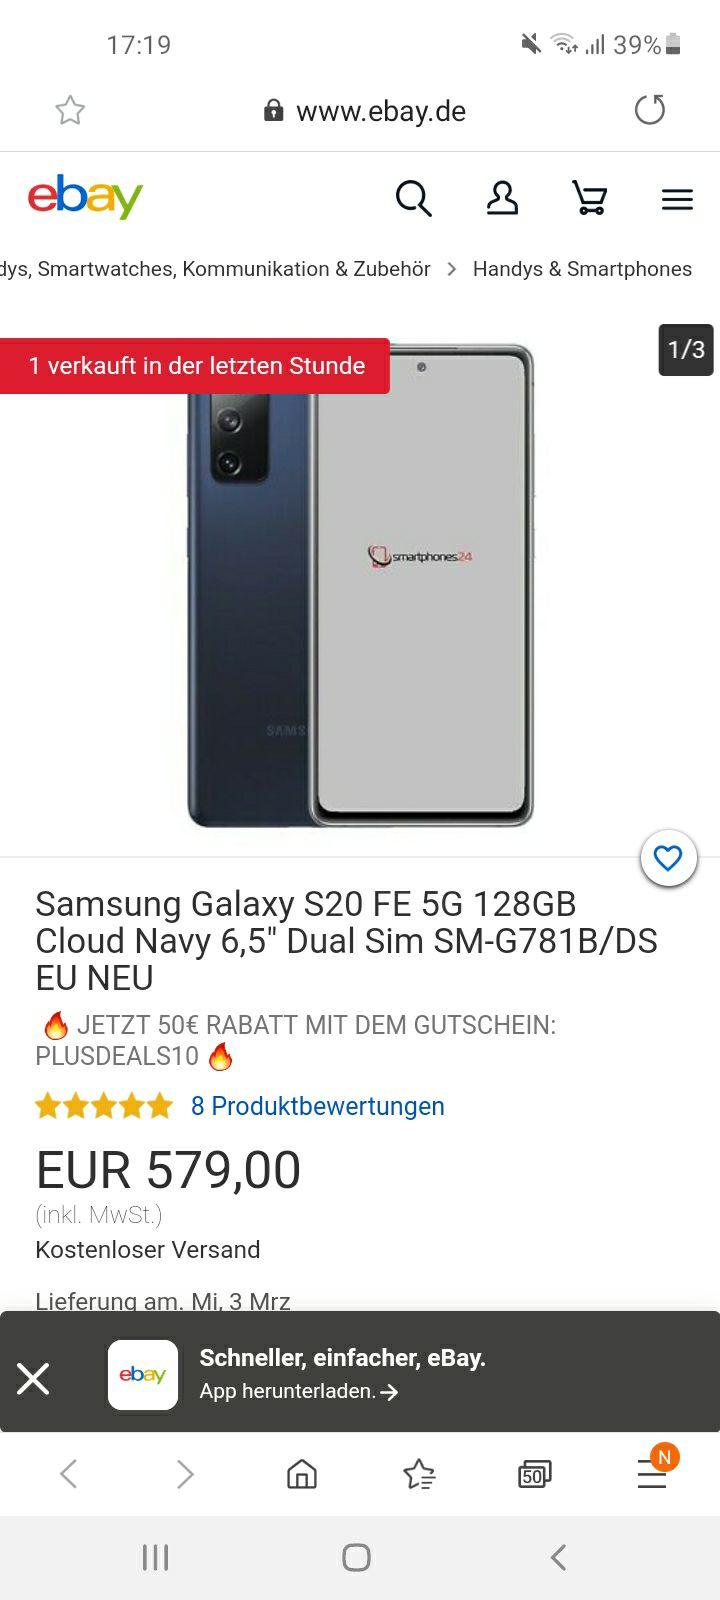 Samsung Galaxy S20 FE 5G mit 128GB Speicher bei eBay